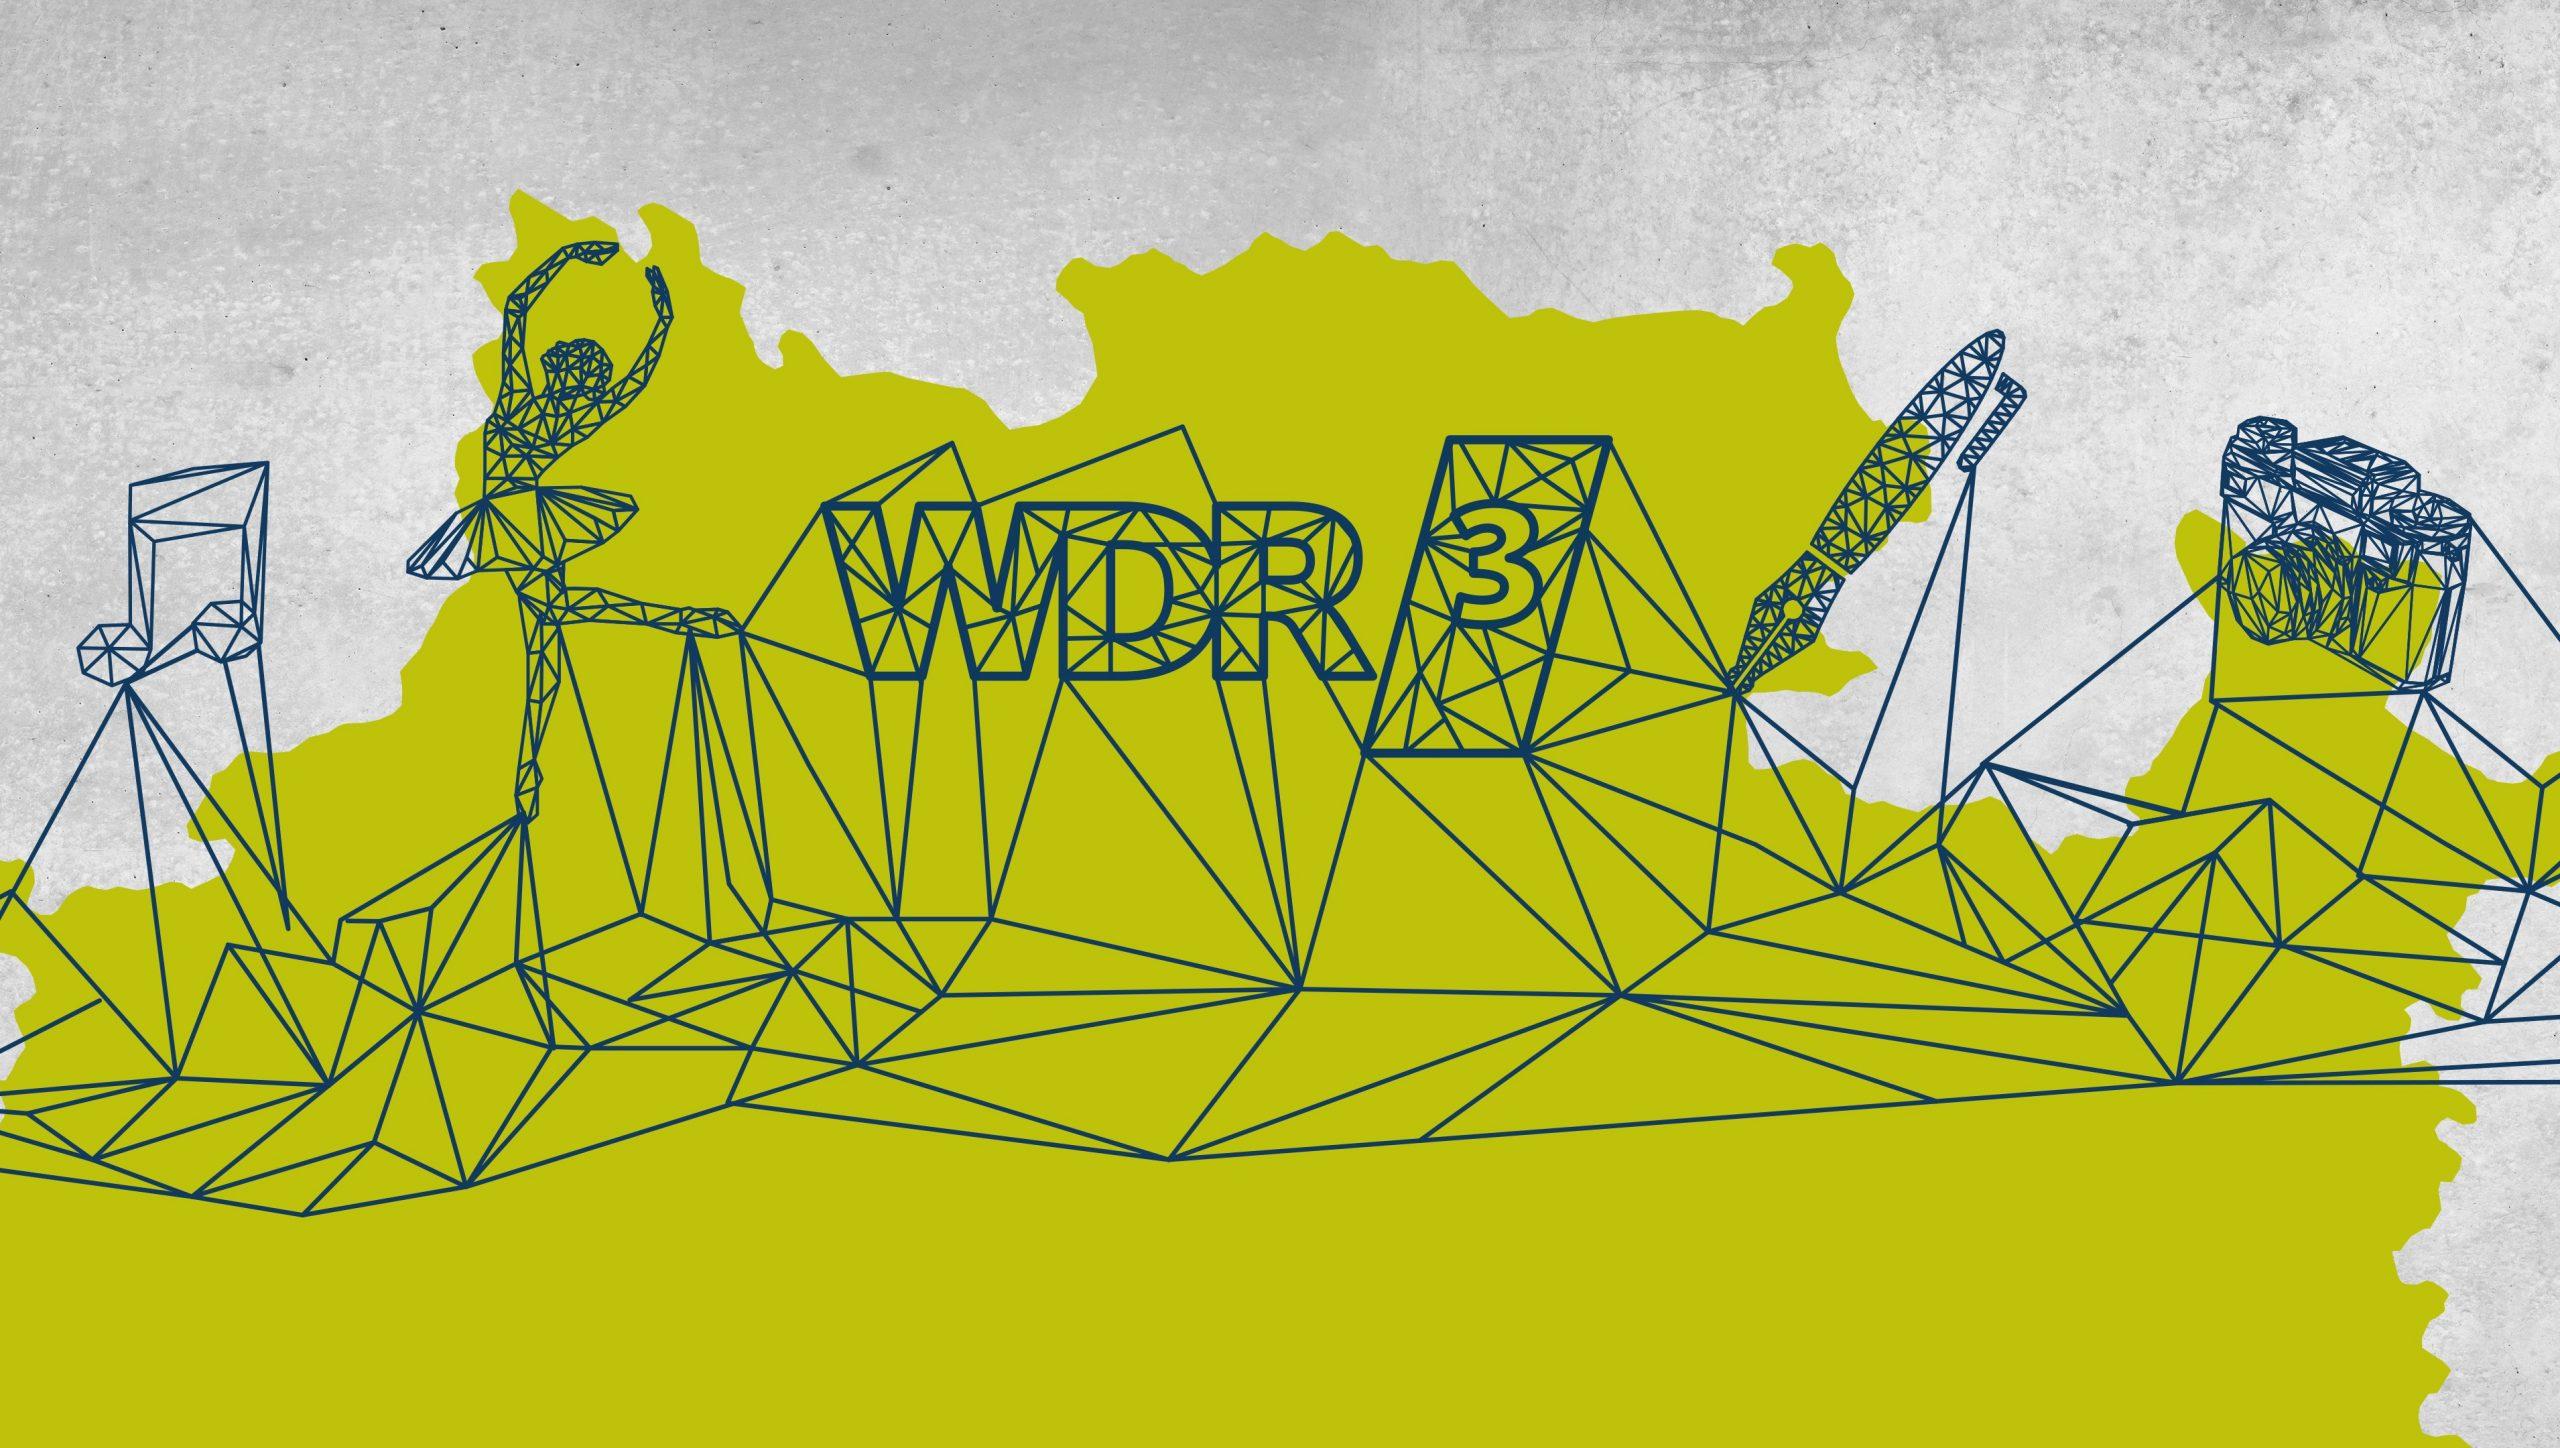 WDR 3 Kulturpartner